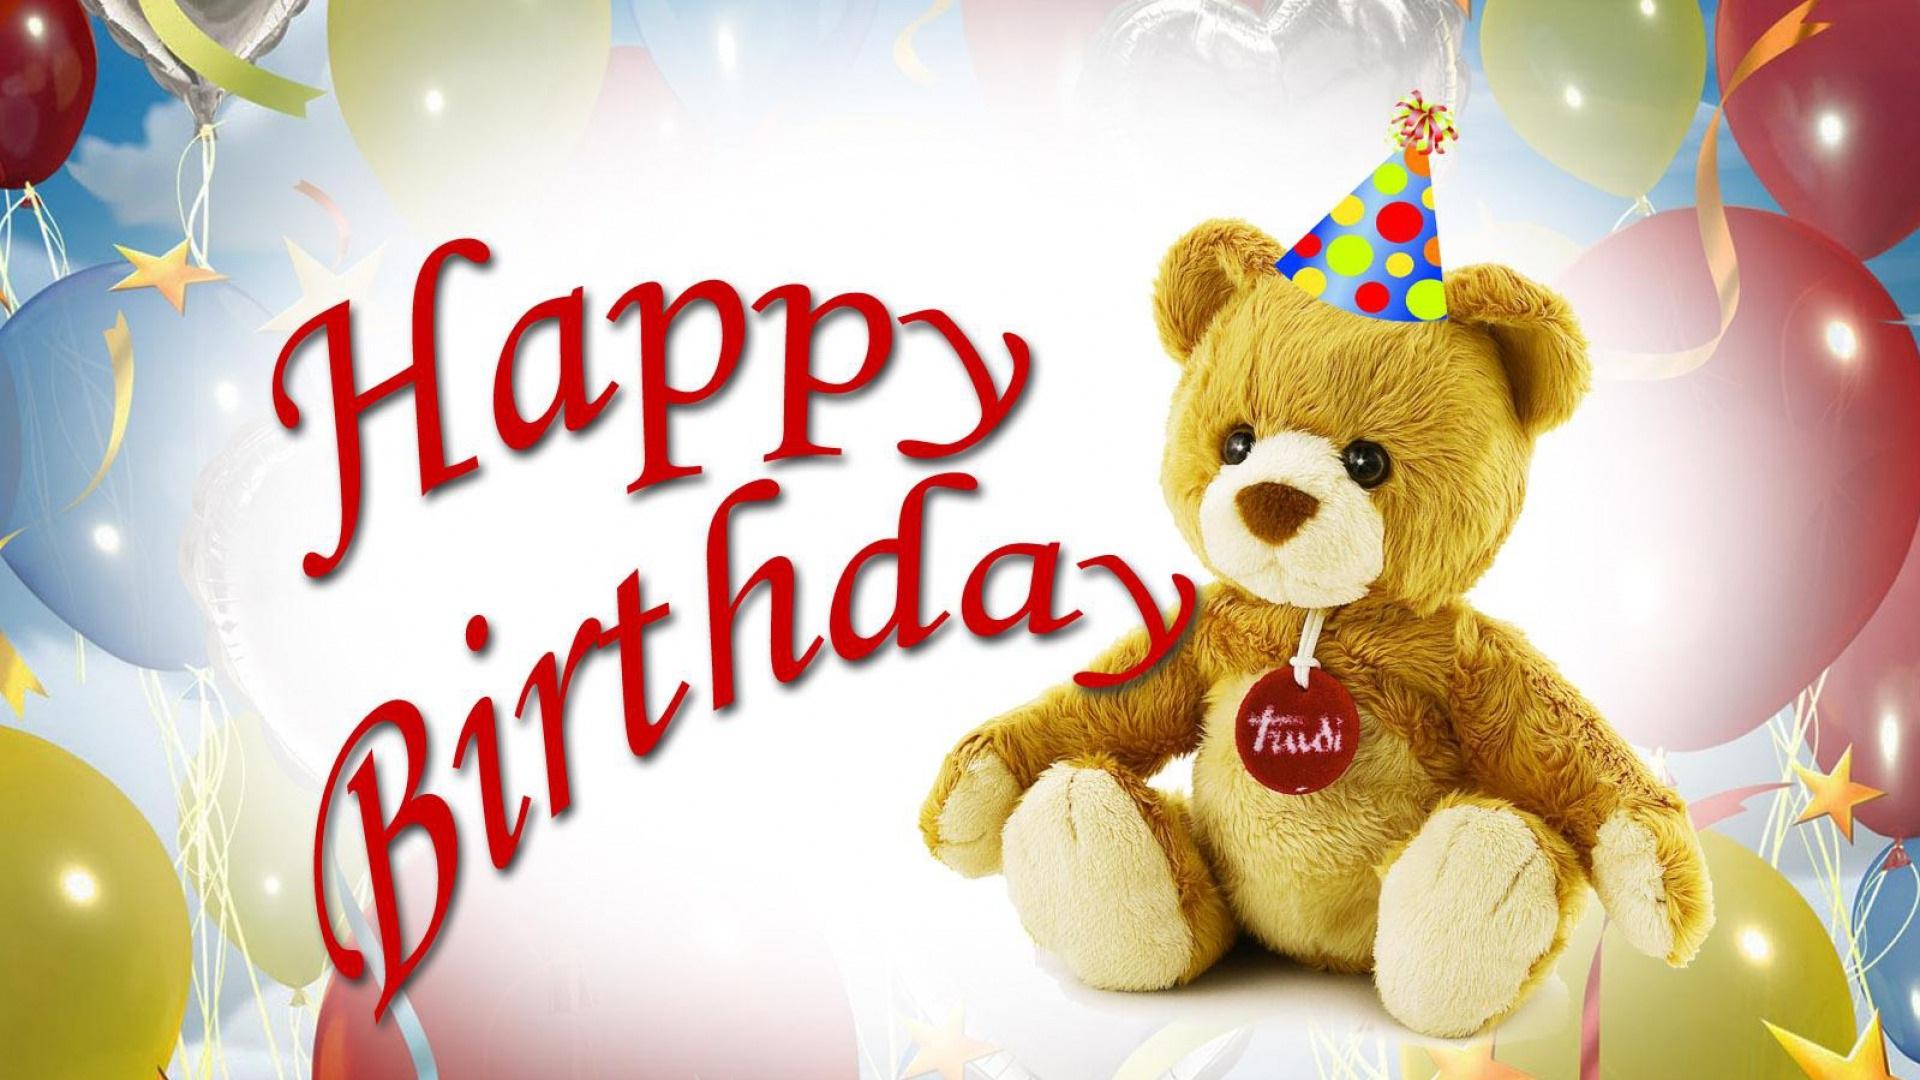 Турецкие поздравления с днем рождения мужчине